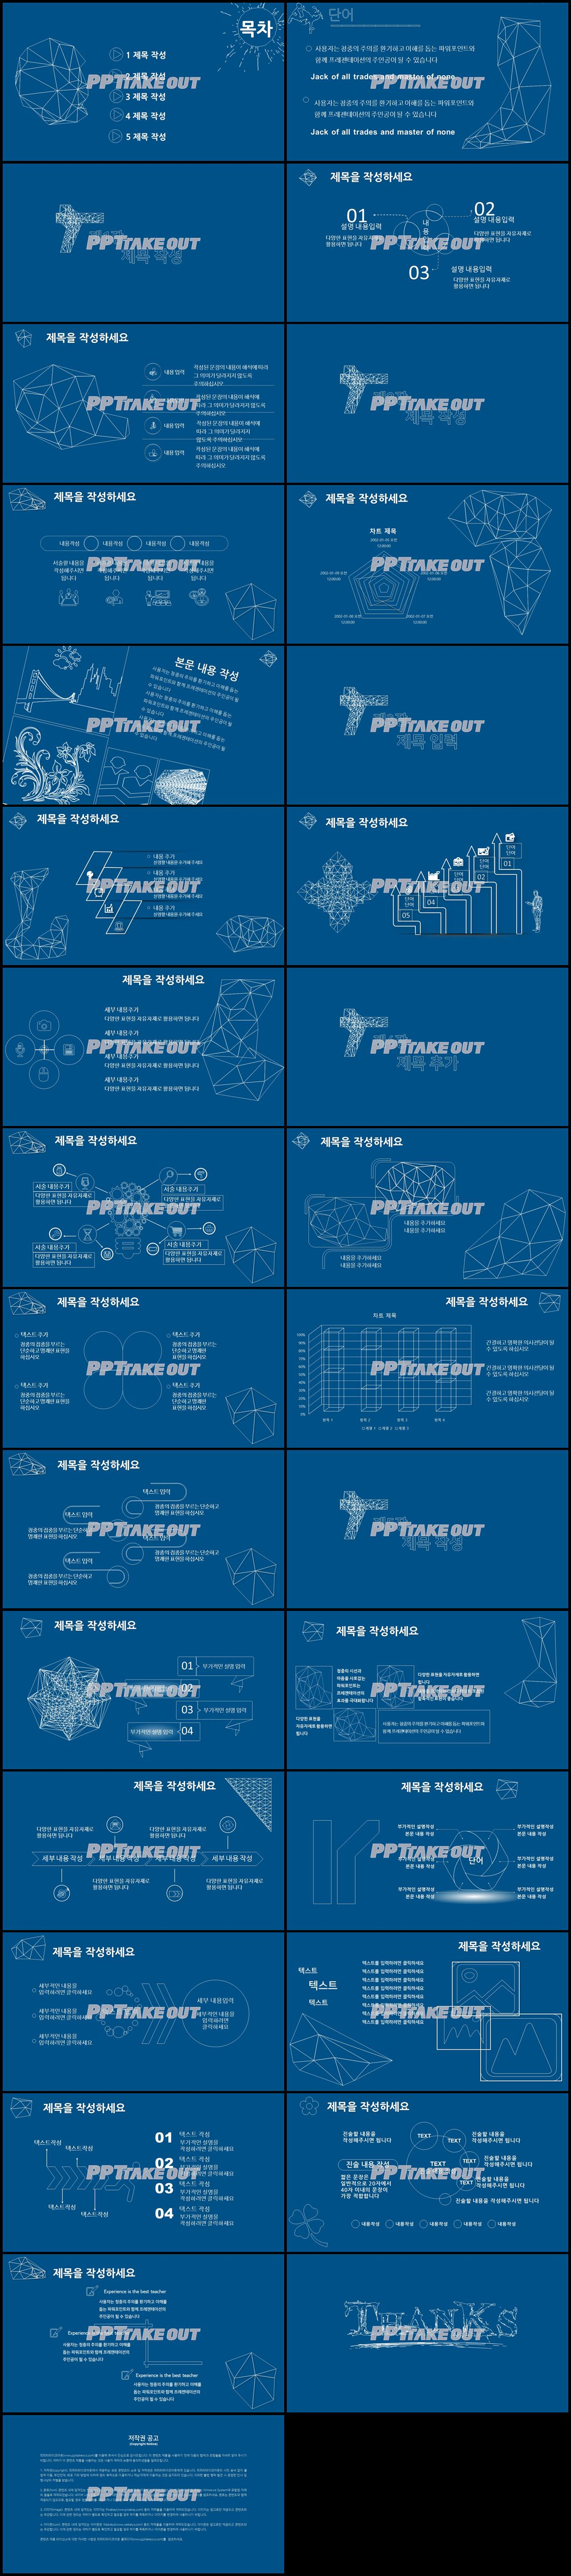 과제발표 블루 단정한 프레젠테이션 파워포인트양식 만들기 상세보기